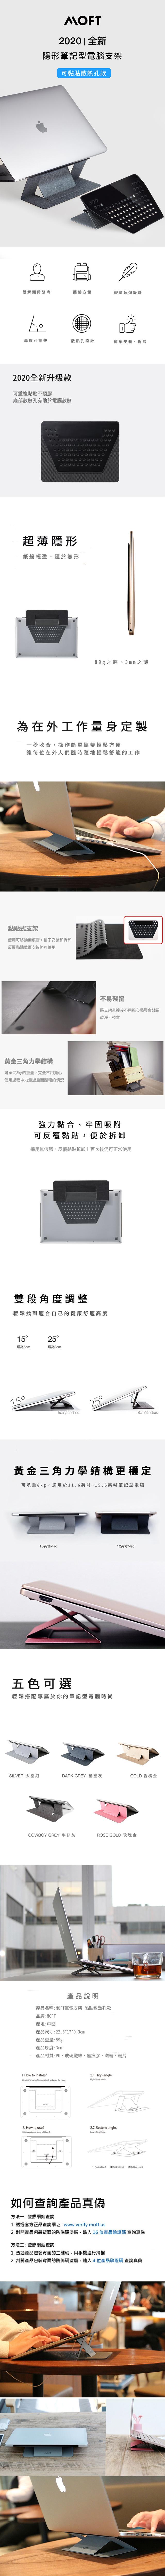 (複製)MOFT X|世界首款超薄平板隱形支架 - 9.7吋以上適用(星空灰)